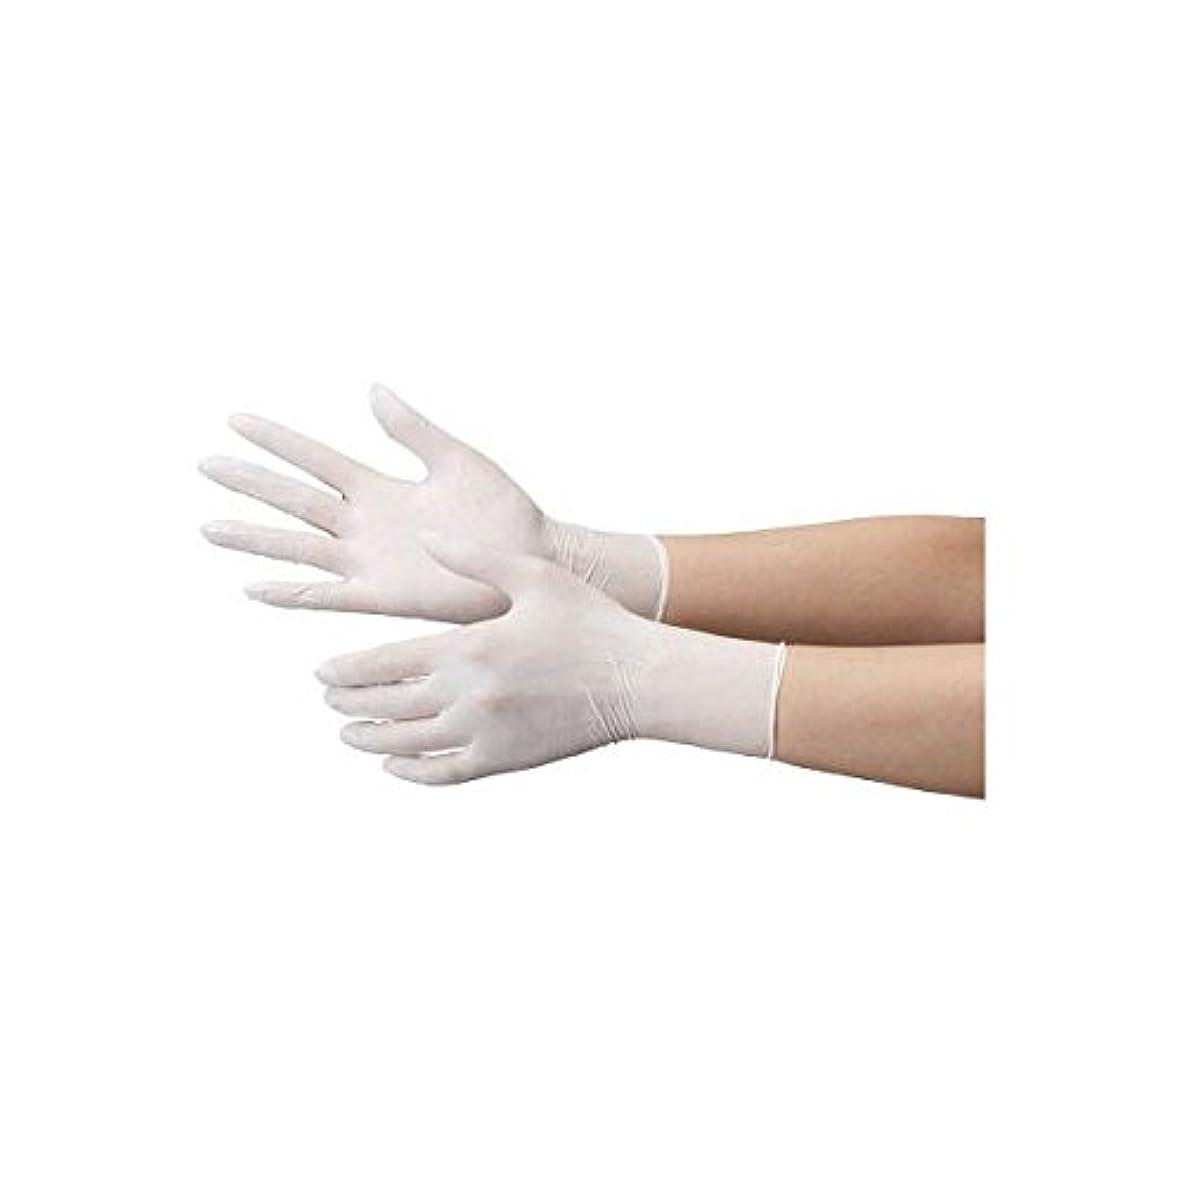 やろう中国研究ミドリ安全/ミドリ安全 ニトリル使い捨て手袋 極薄 粉なし 100枚入 白 S(3889092) VERTE-711-S [その他]